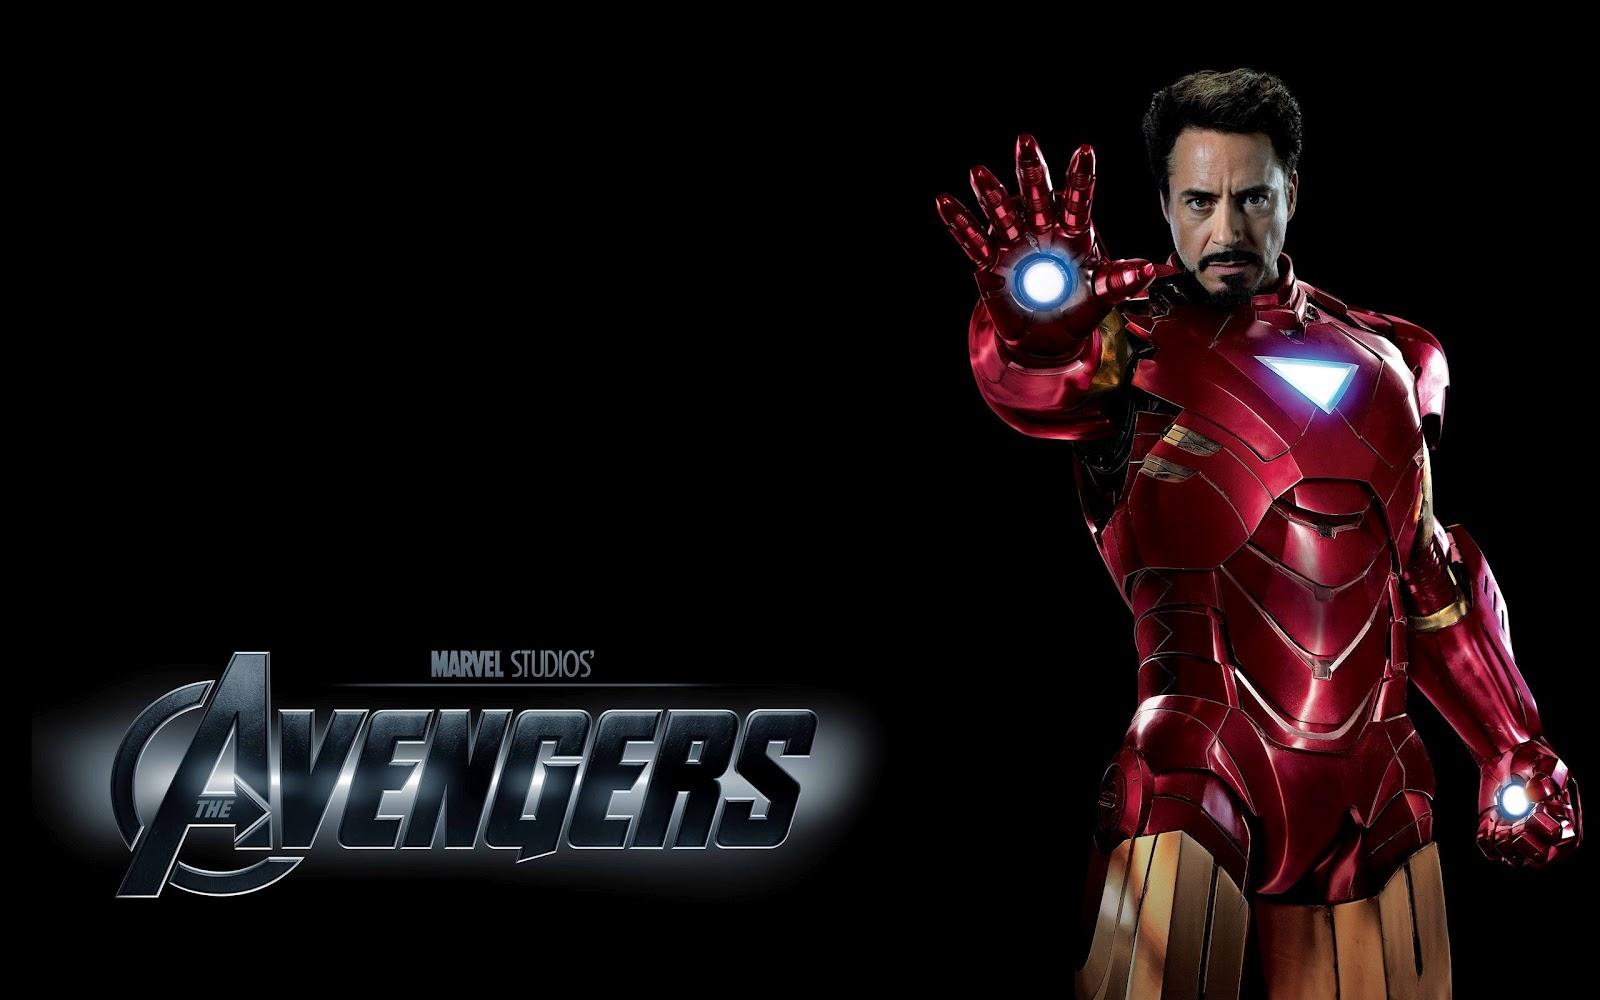 http://3.bp.blogspot.com/-nAZm7s4HTfo/T29feH8HnhI/AAAAAAAABAc/JKXBF4hfWug/s1600/The_Avengers_Iron_Man_Robert_Downey_HD_Wallpaper-Vvallpaper.Net.jpg